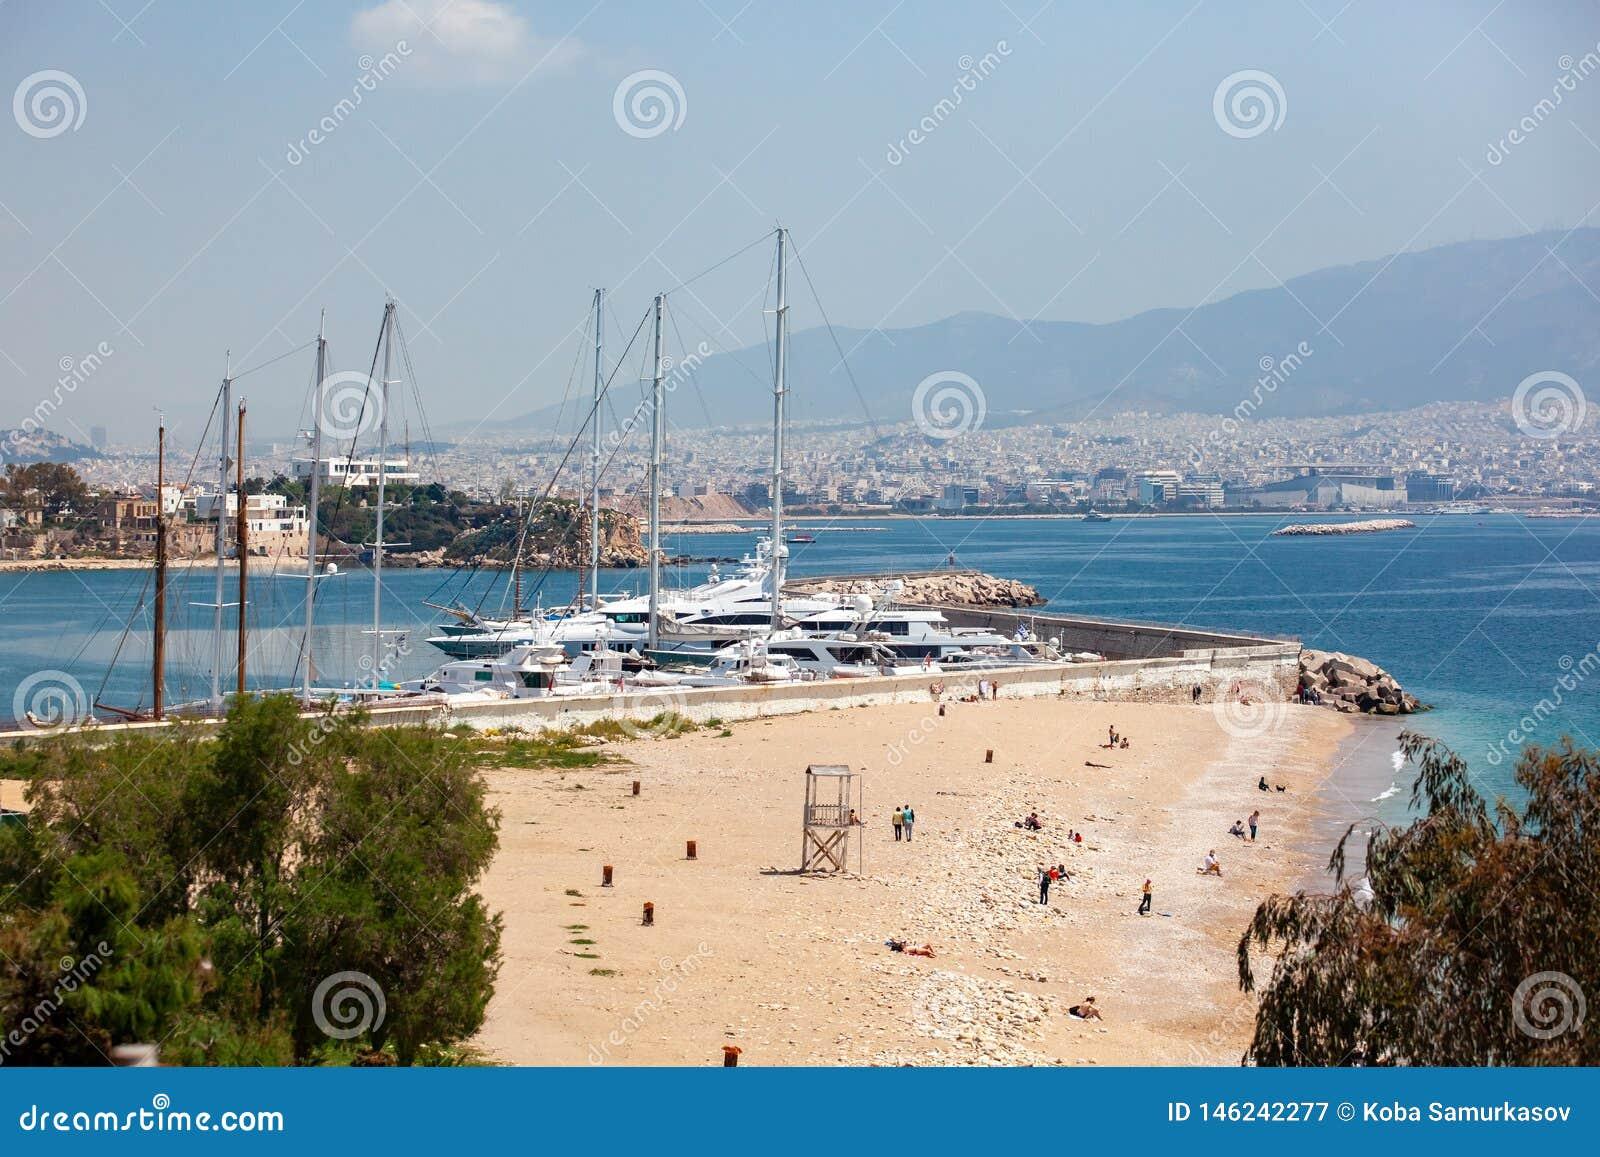 Peque?os barcos y yates de navegaci?n atracados en el puerto de Pireo, Grecia